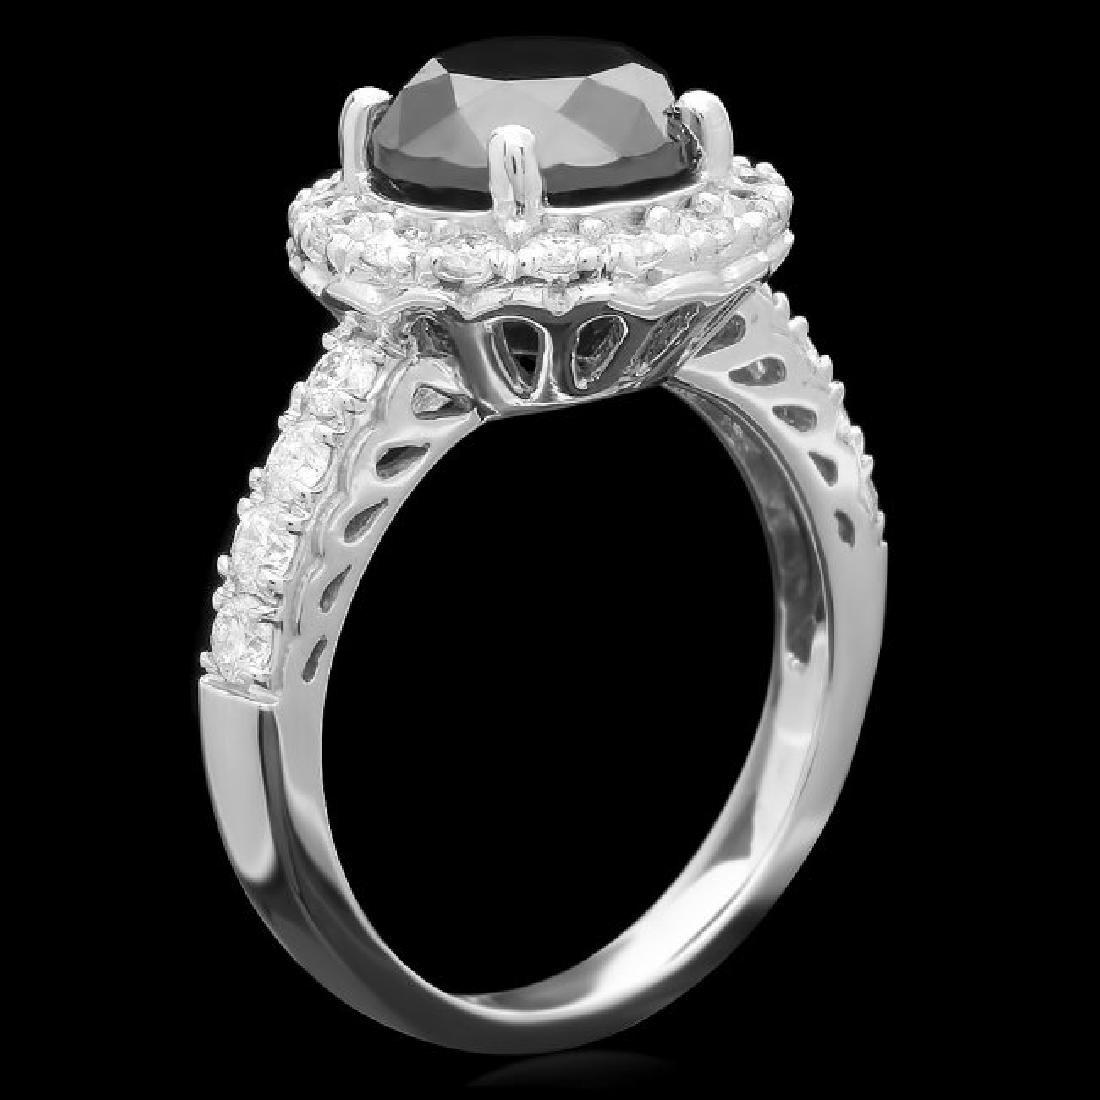 14k White Gold 4.15ct Diamond Ring - 2